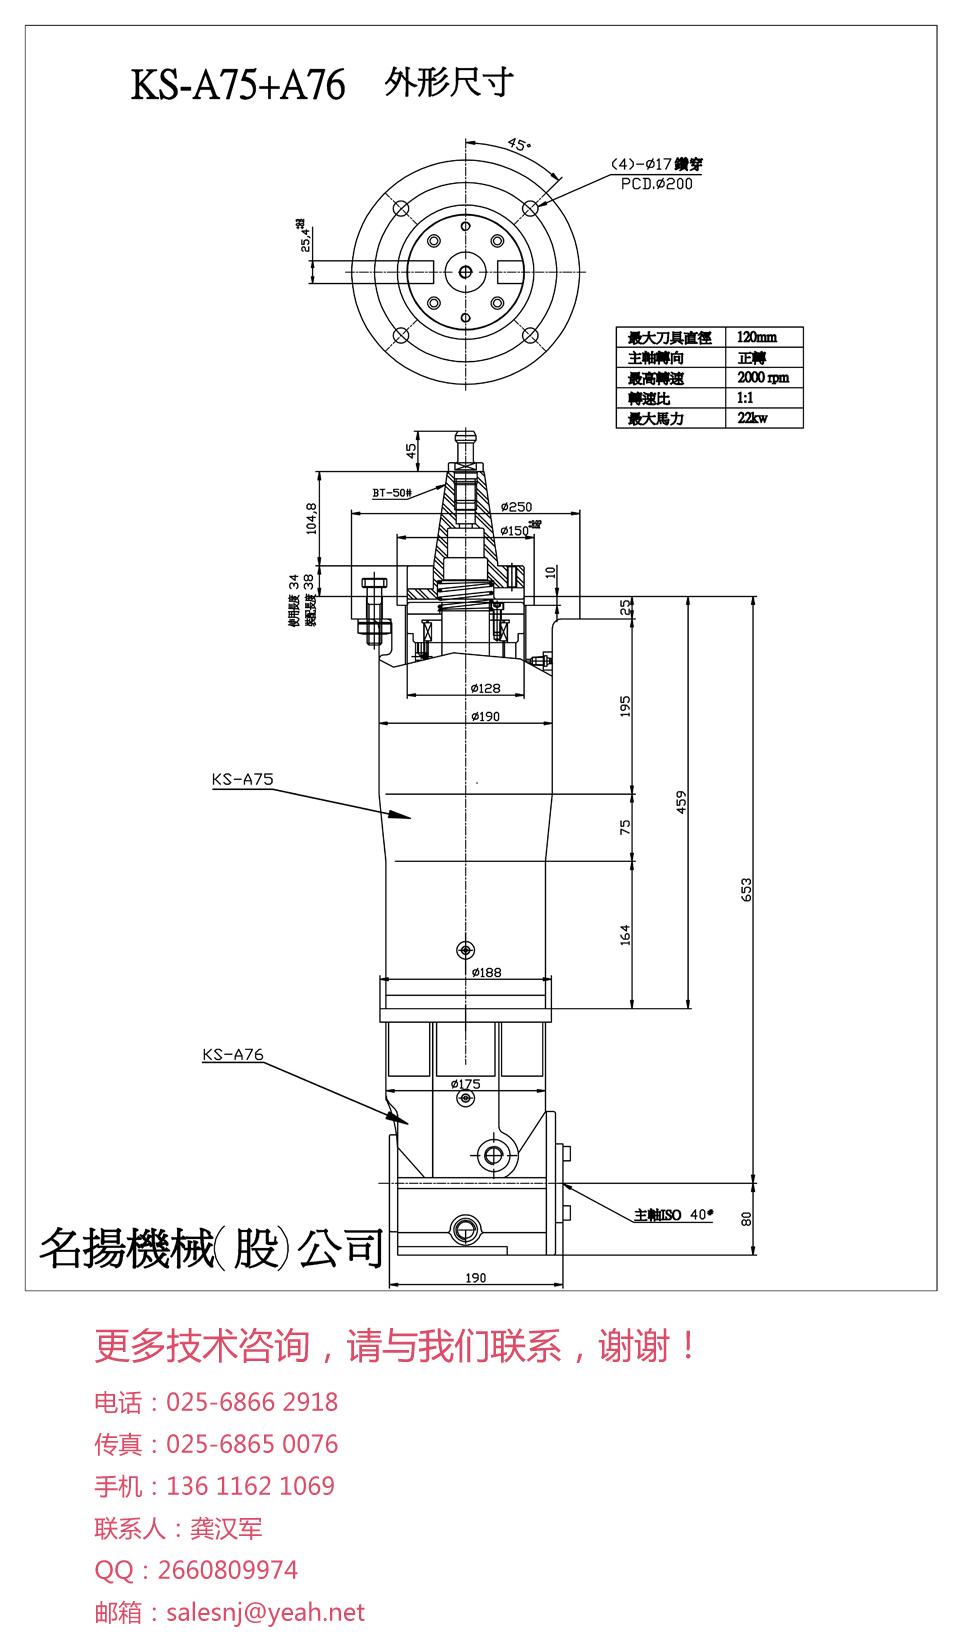 电路 电路图 电子 原理图 960_1652 竖版 竖屏